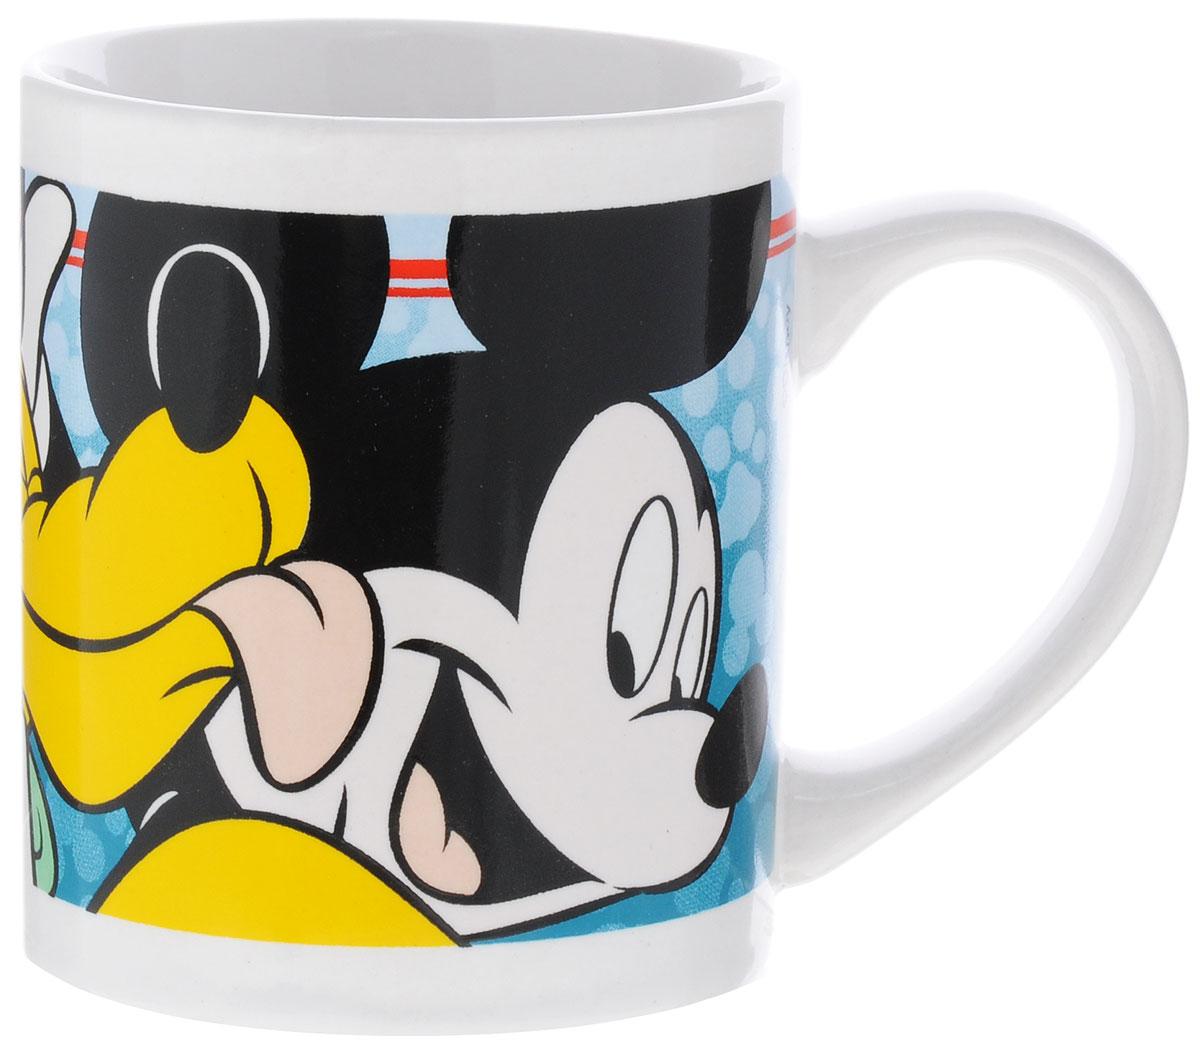 Stor Кружка детская Микки Маус и Плуто 220 мл70189Детская кружка Stor Микки Маус и Плуто из серии Stor Disney с любимыми героями станет отличным подарком для вашего ребенка. Она выполнена из керамики и оформлена изображением Микки Мауса и Плуто. Кружка дополнена удобной ручкой. Такой подарок станет не только приятным, но и практичным сувениром: кружка будет незаменимым атрибутом чаепития, а оригинальное оформление кружки добавит ярких эмоций и хорошего настроения. Можно использовать в СВЧ-печи и посудомоечной машине.